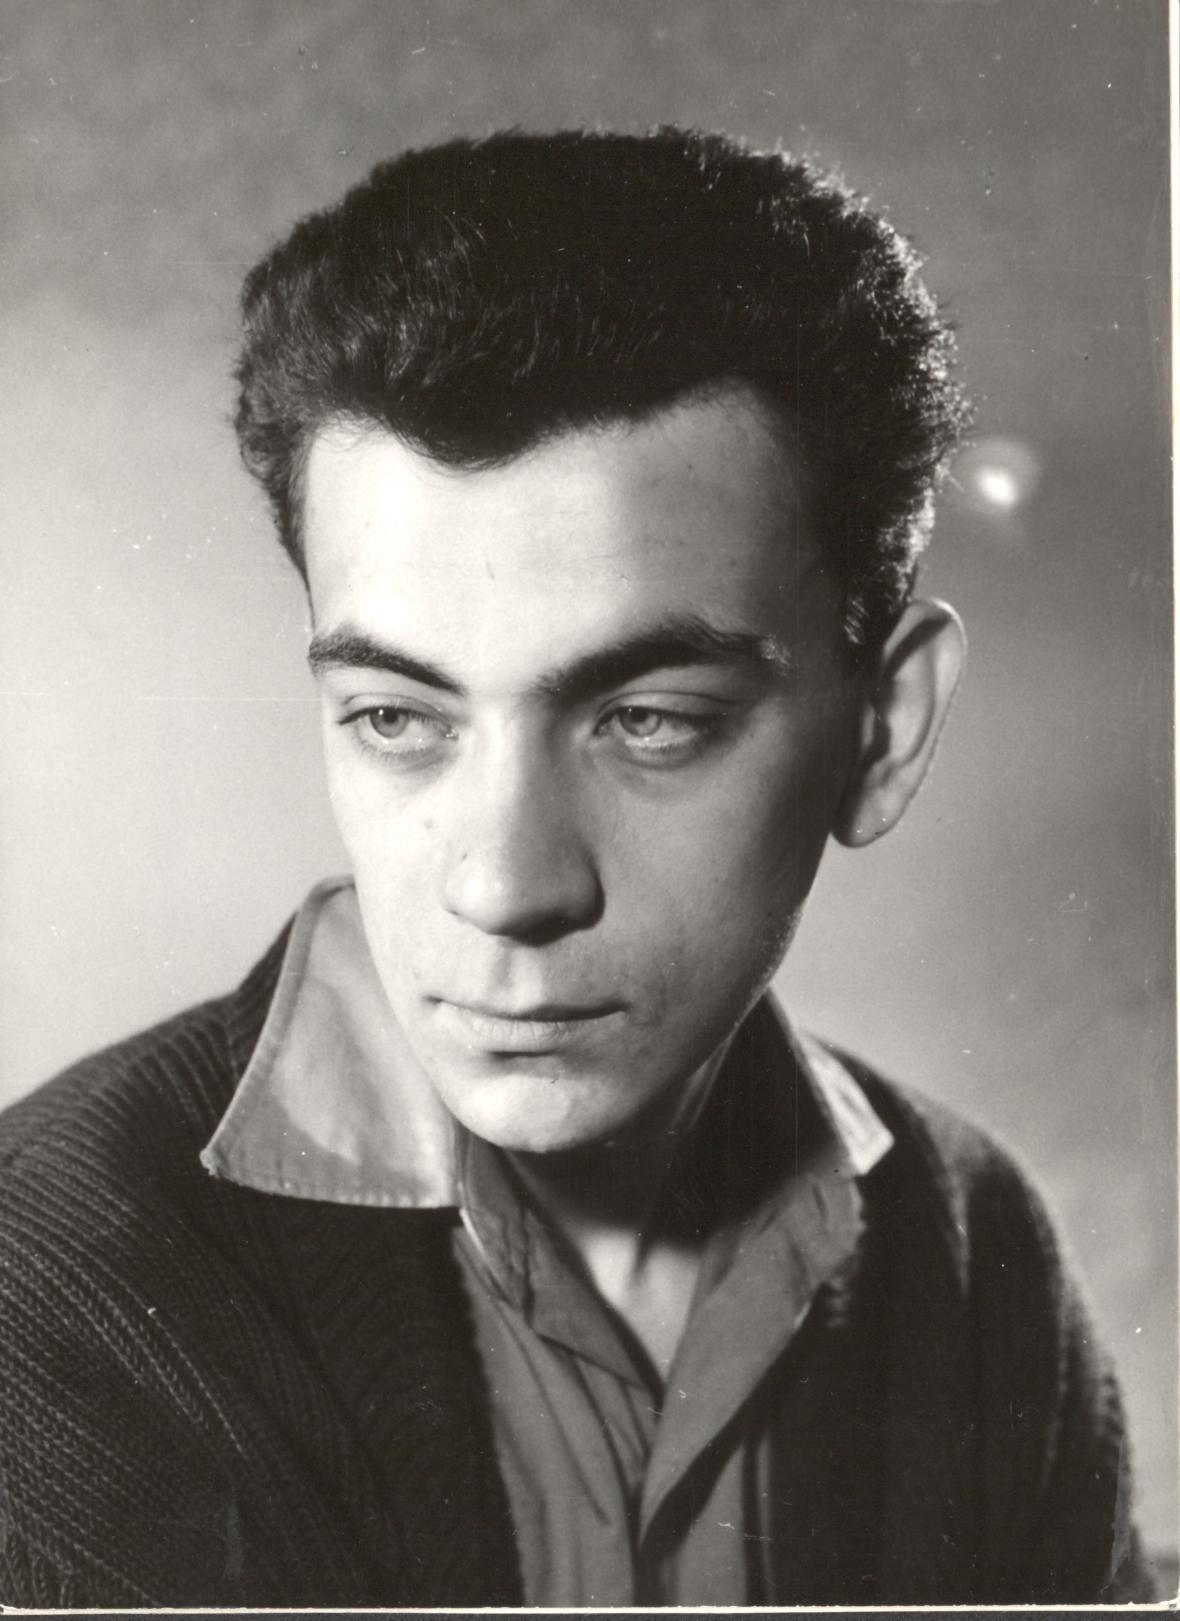 Portrét herce Petra Čepka. Foto: Autor neznámý, polovina 60. let 20. století, Fotografický fond IDU